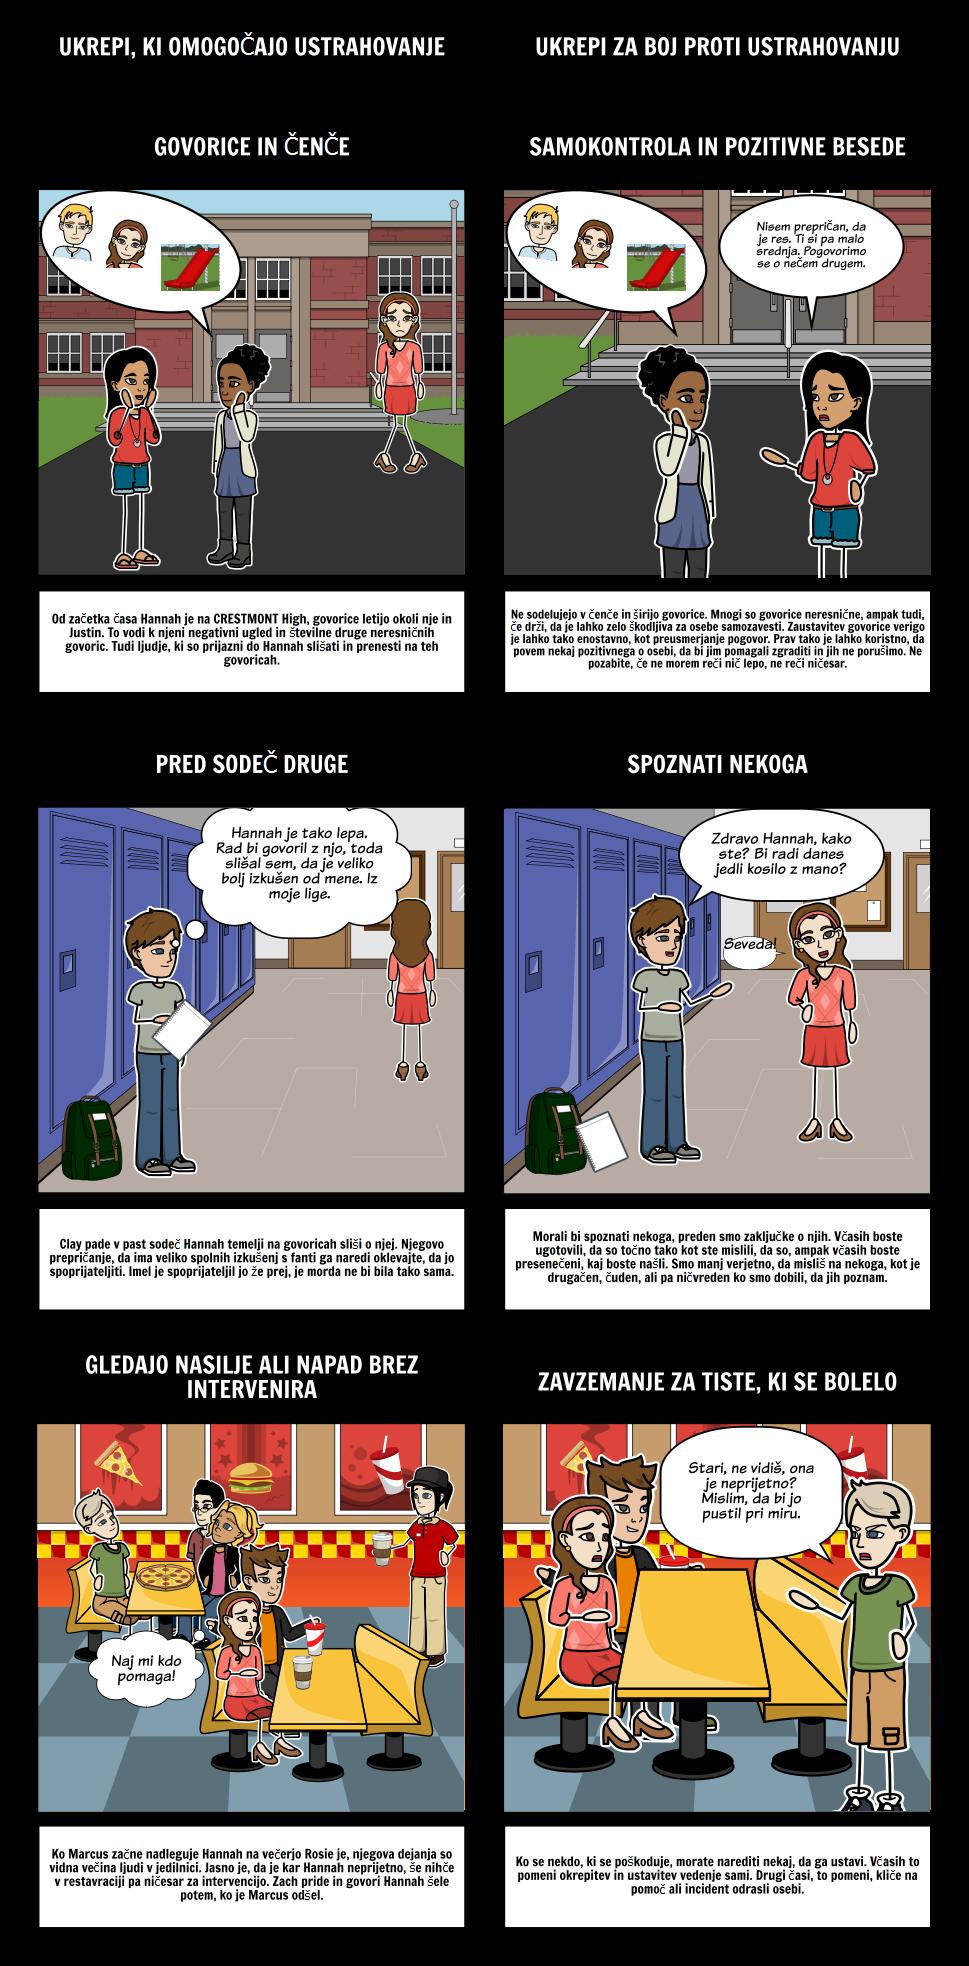 Trinajst Razlogov, Zakaj Preprečevanje Ustrahovanja